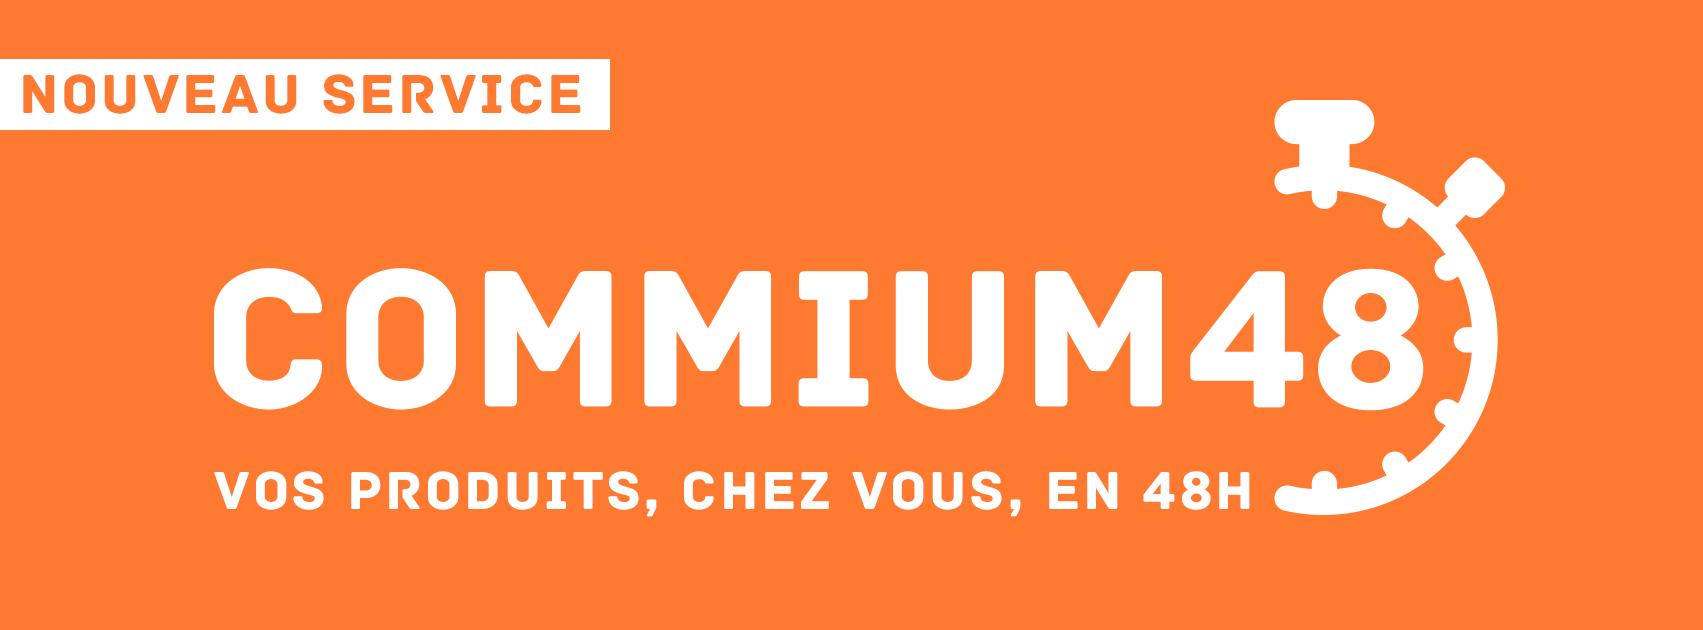 Cover commium facebook commium 48